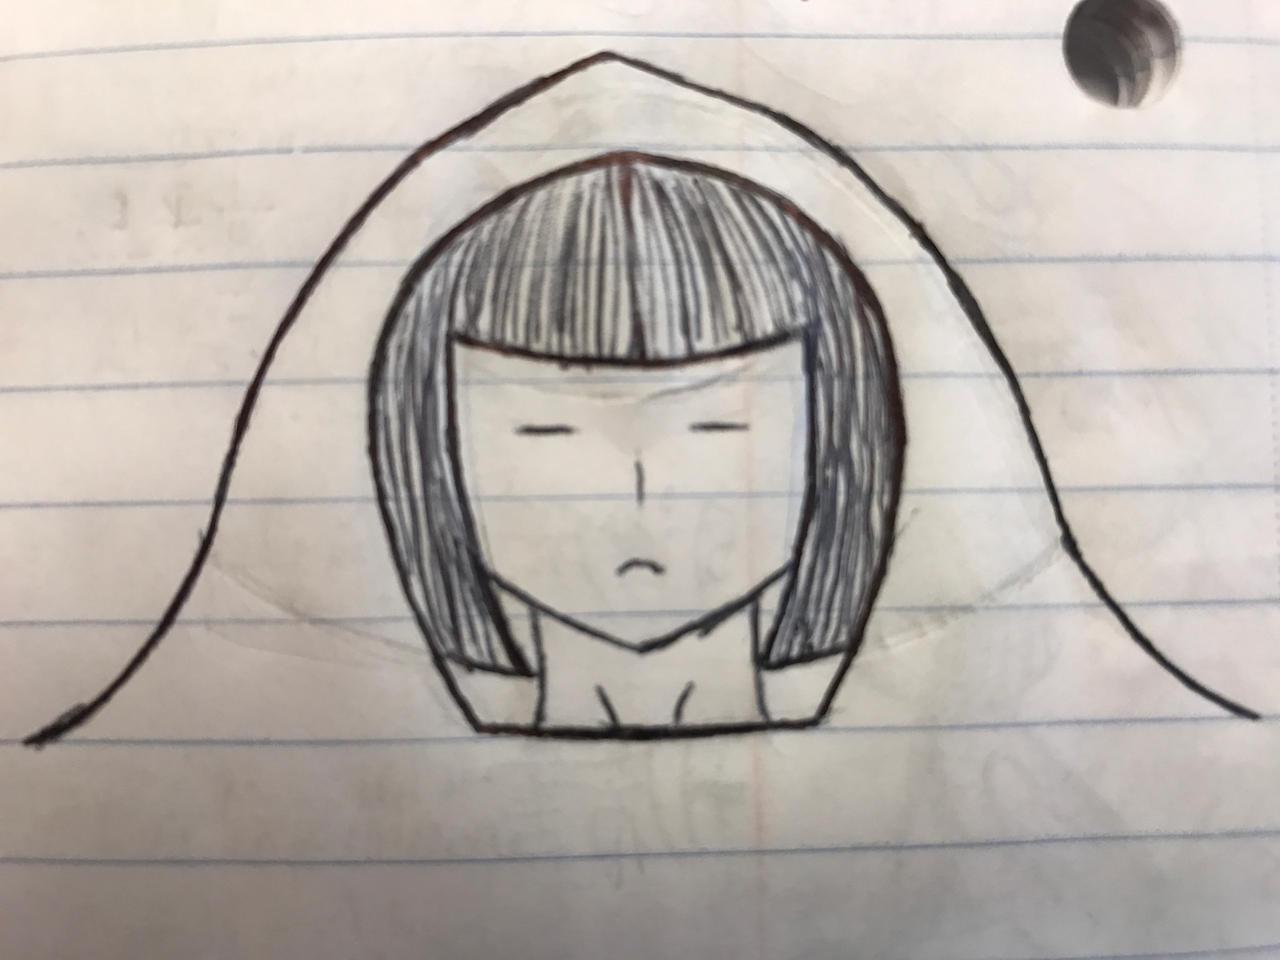 Persona Development Art by derekguo31